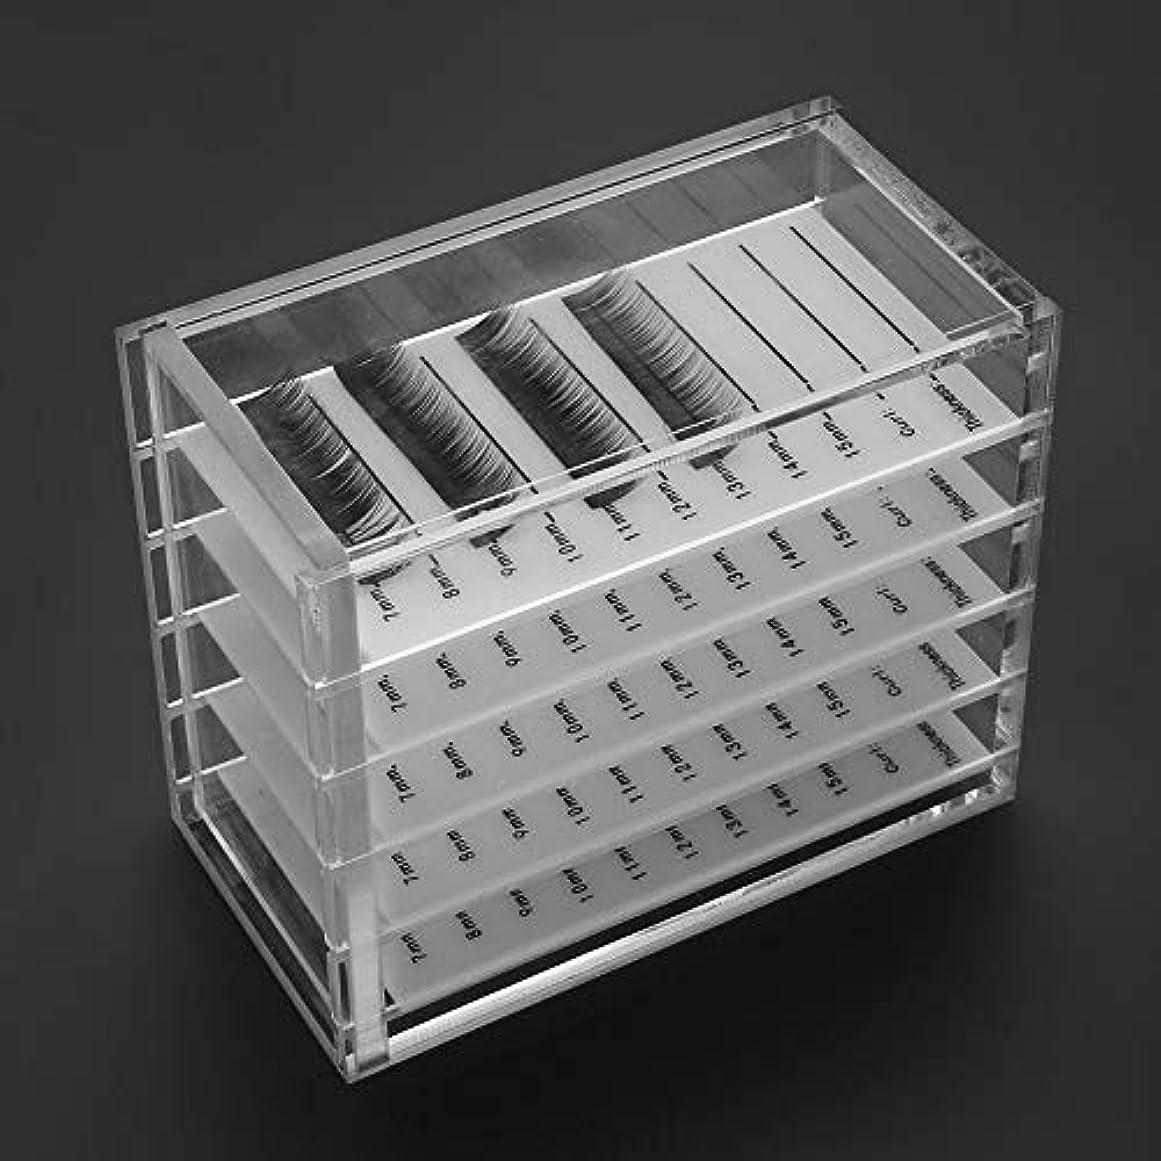 ぴったりハードリングシングルまつげ収納 5層 アクリルケース コスメボックス ジュエリー まつげパレット 小物収納ボックス透明 卓上化粧ボックス アクリル収納